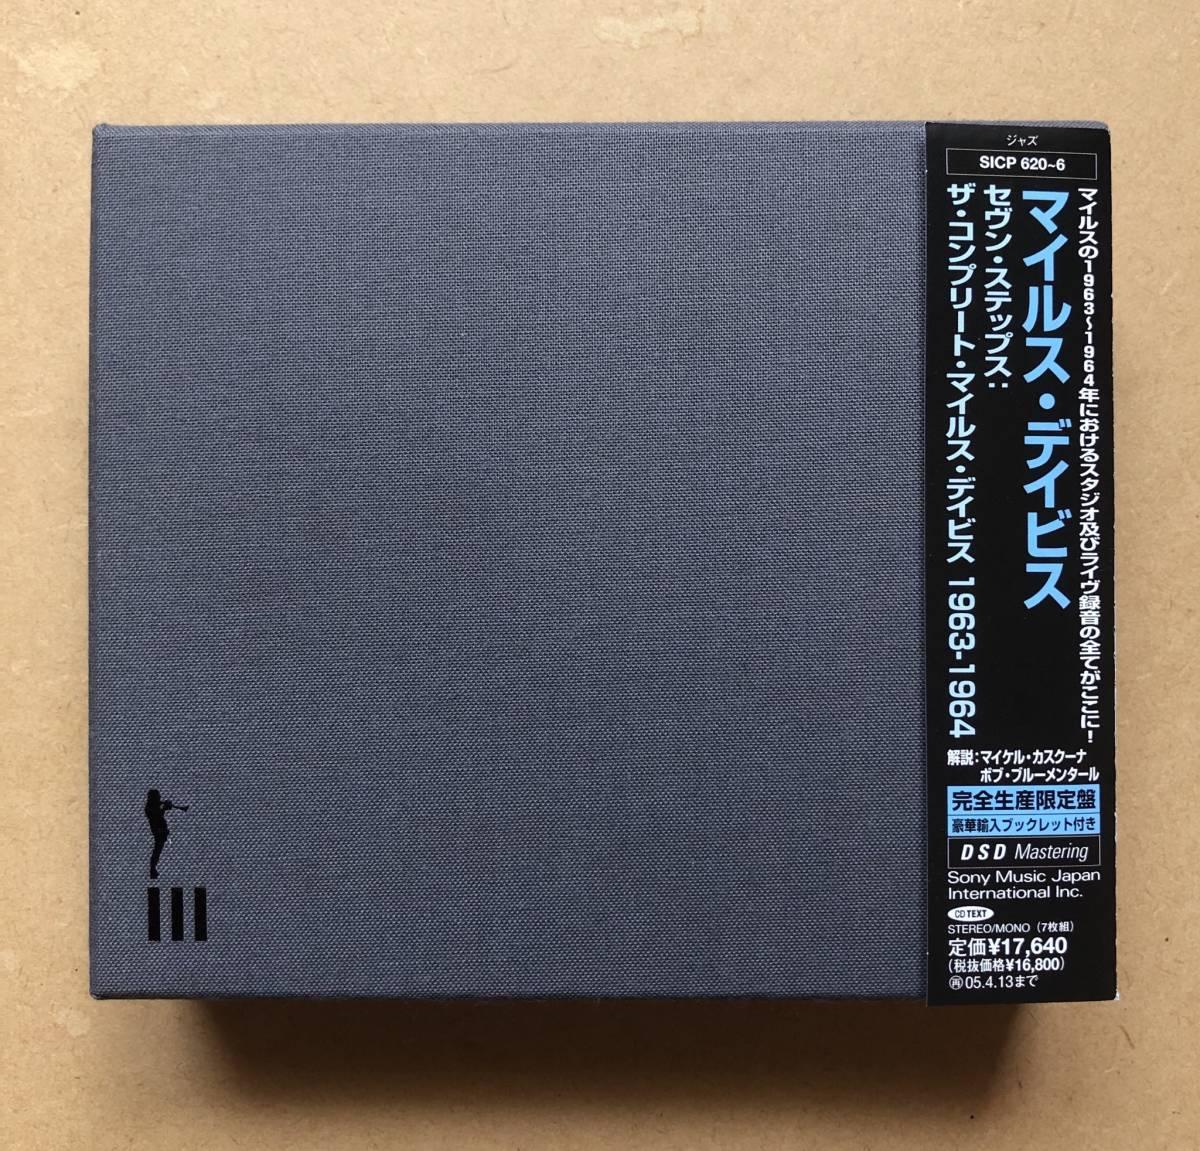 完全限定盤 7枚組 BOX MILES DAVIS マイルス・デイビス / セブン・ステップス ザ・コンプリート・マイルス・デイビス 1963-1964